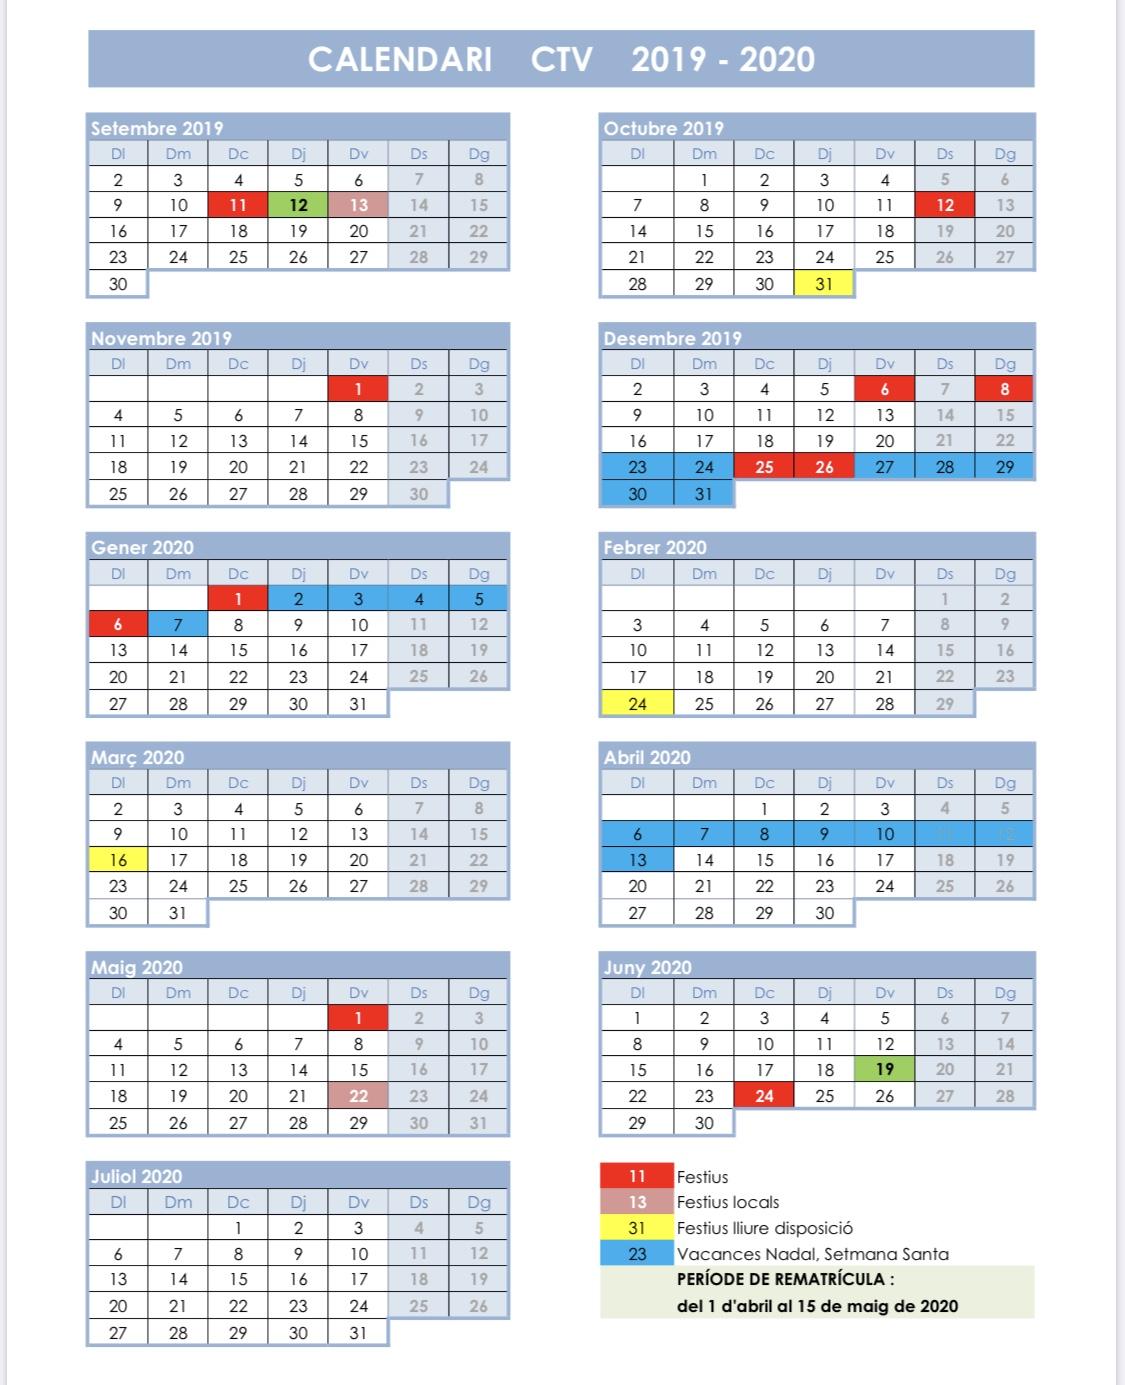 Calendario CTV 2020